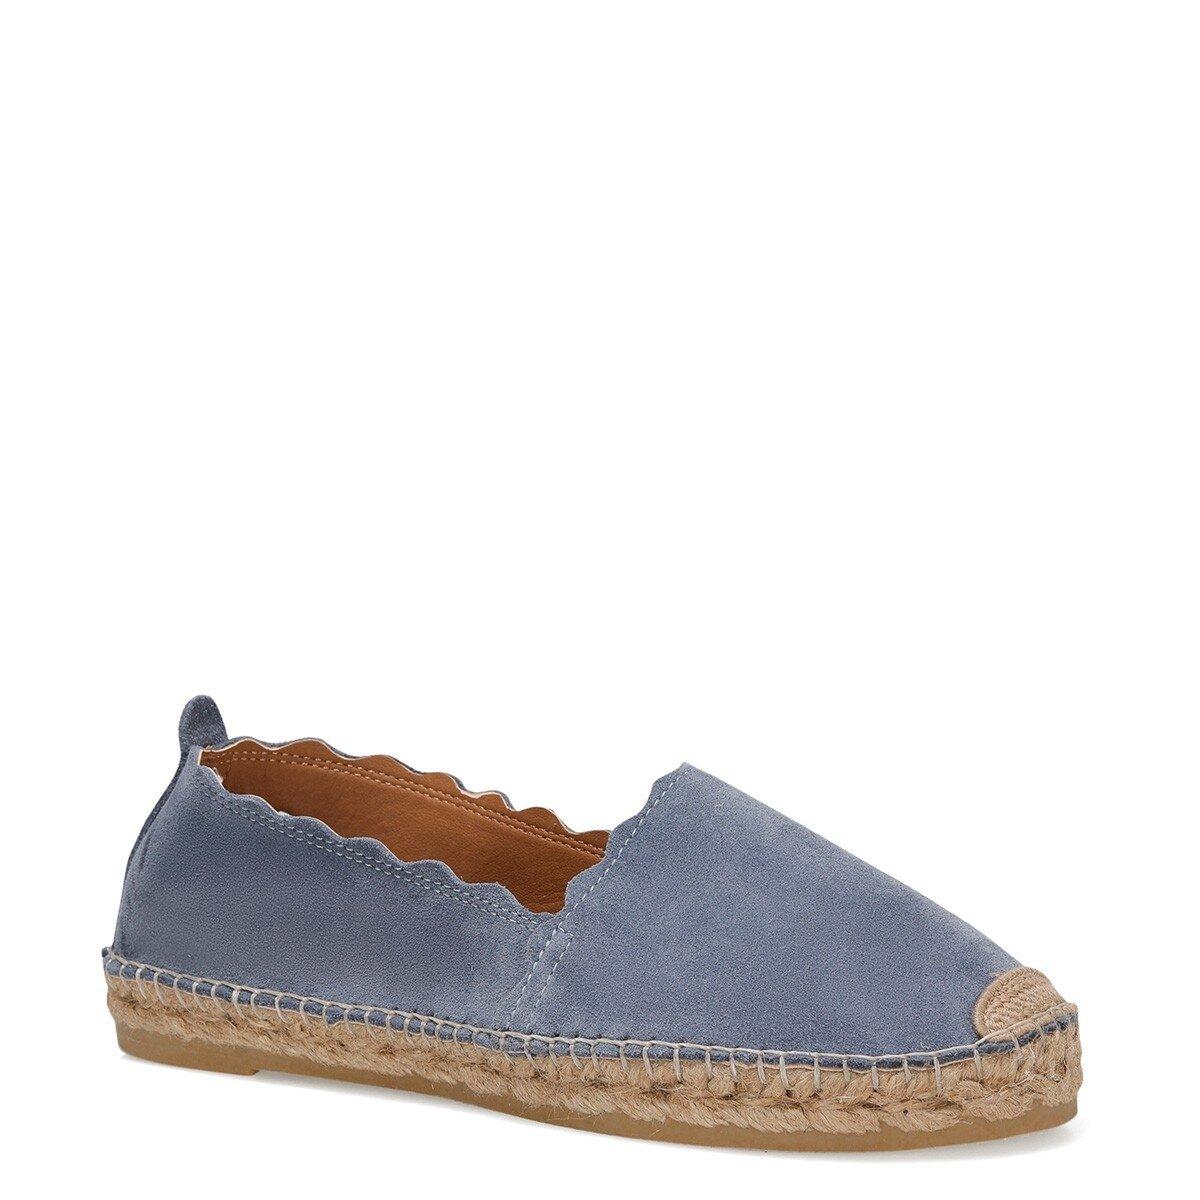 UNDERDAY 1FX Lacivert Kadın Espadril Ayakkabı